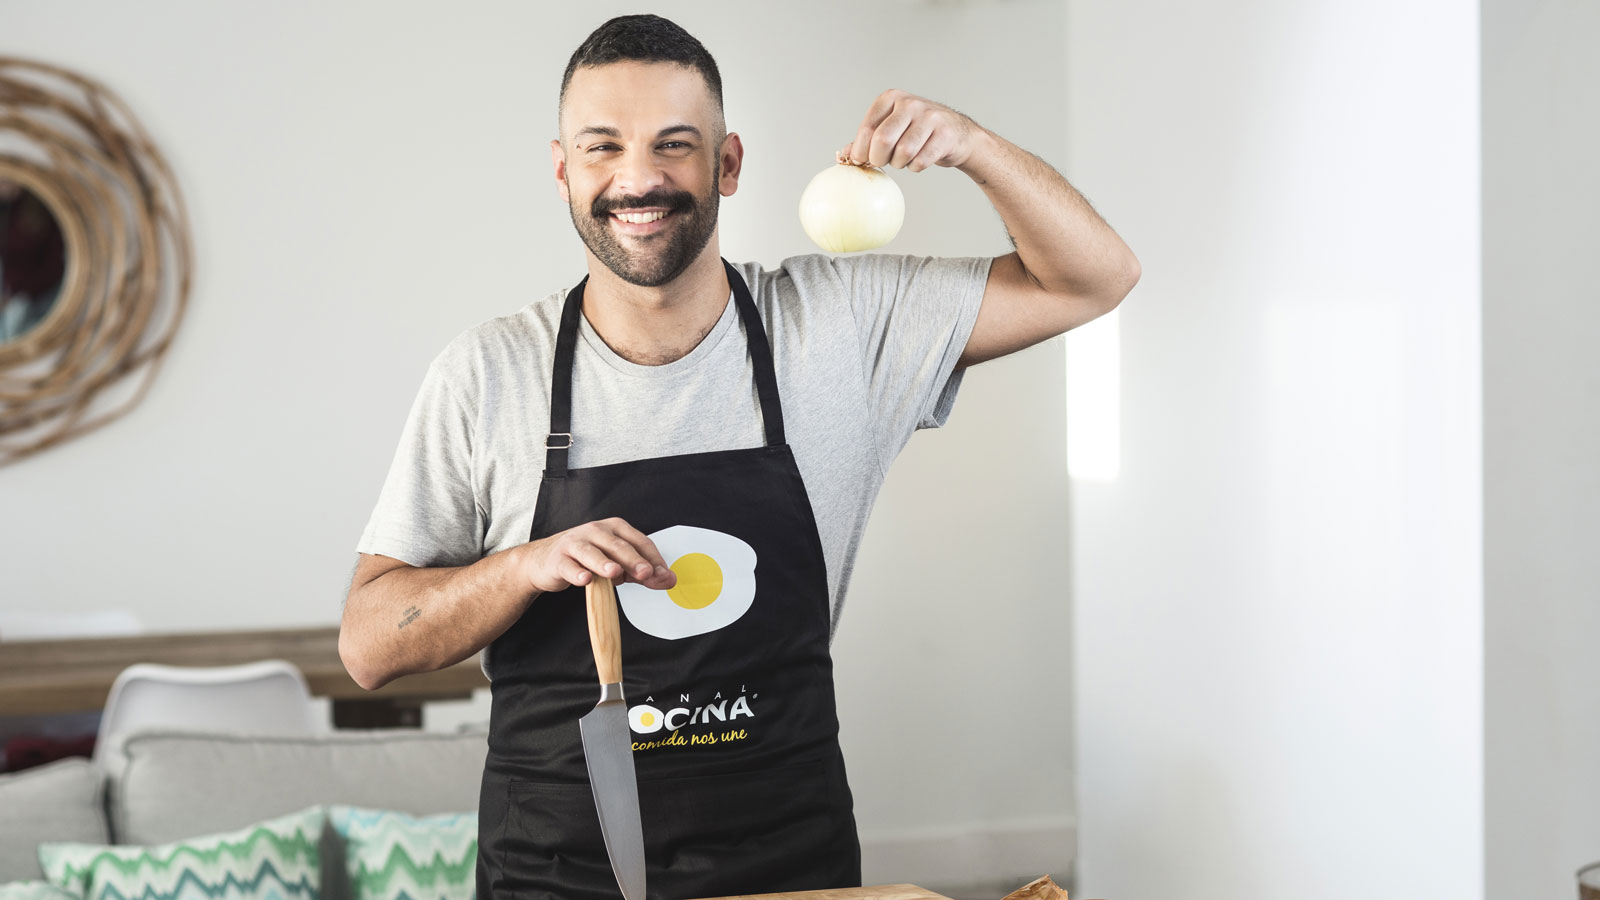 Canal cocina estrena caprichos de gordor una producci n for Canal cocina tapas